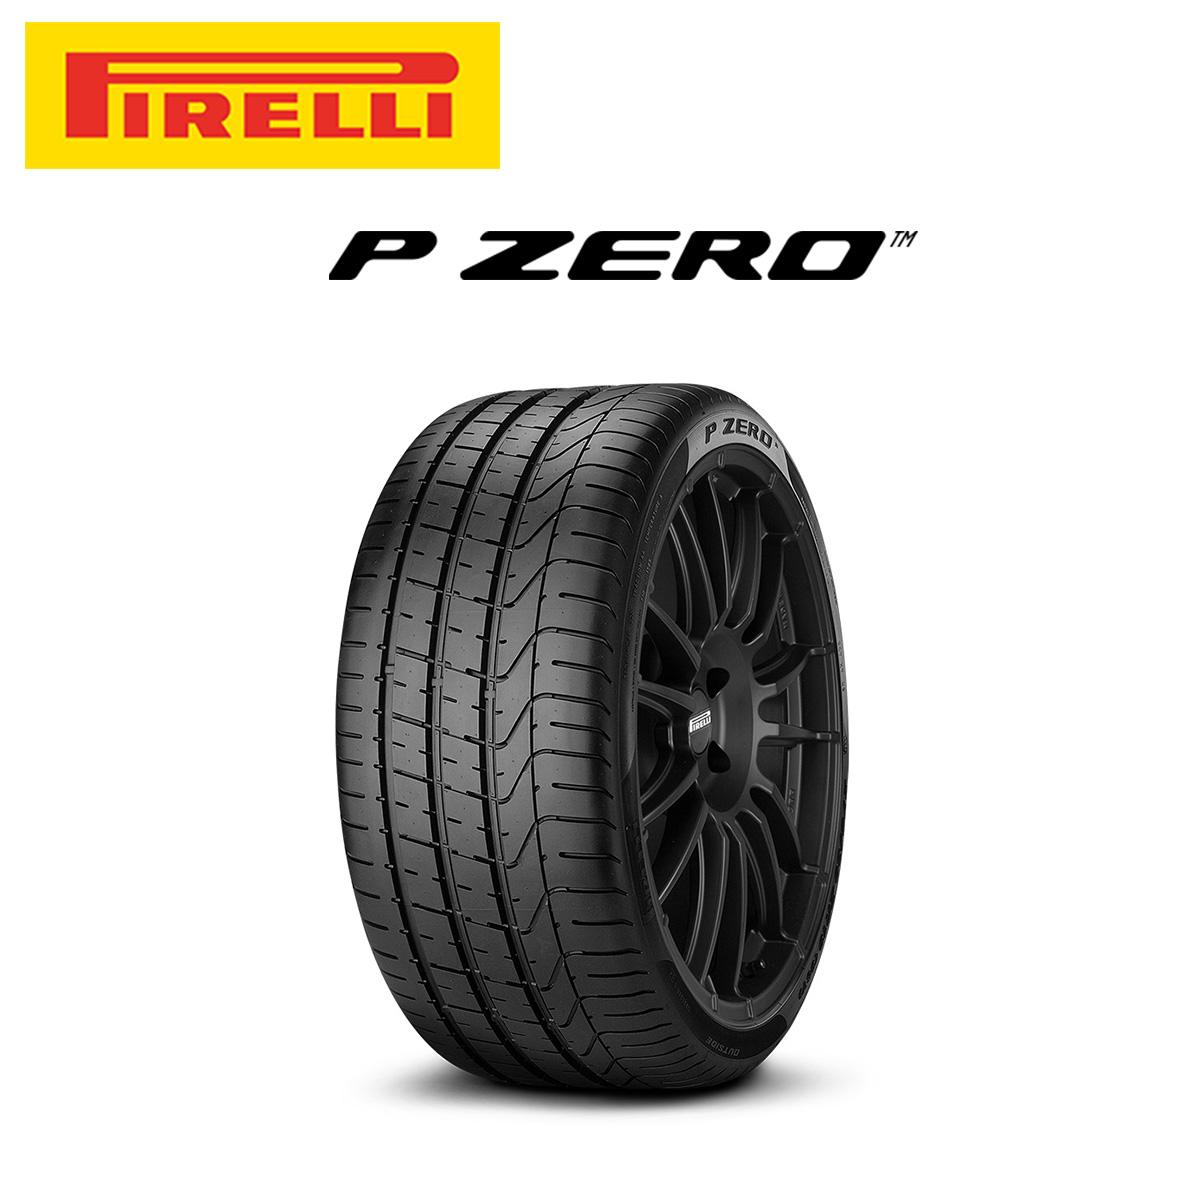 ピレリ PIRELLI P ZERO ピーゼロ 20インチ サマー タイヤ 4本 セット 275/35ZR20 102Y XL MO:メルセデスベンツ承認タイヤ 2563400